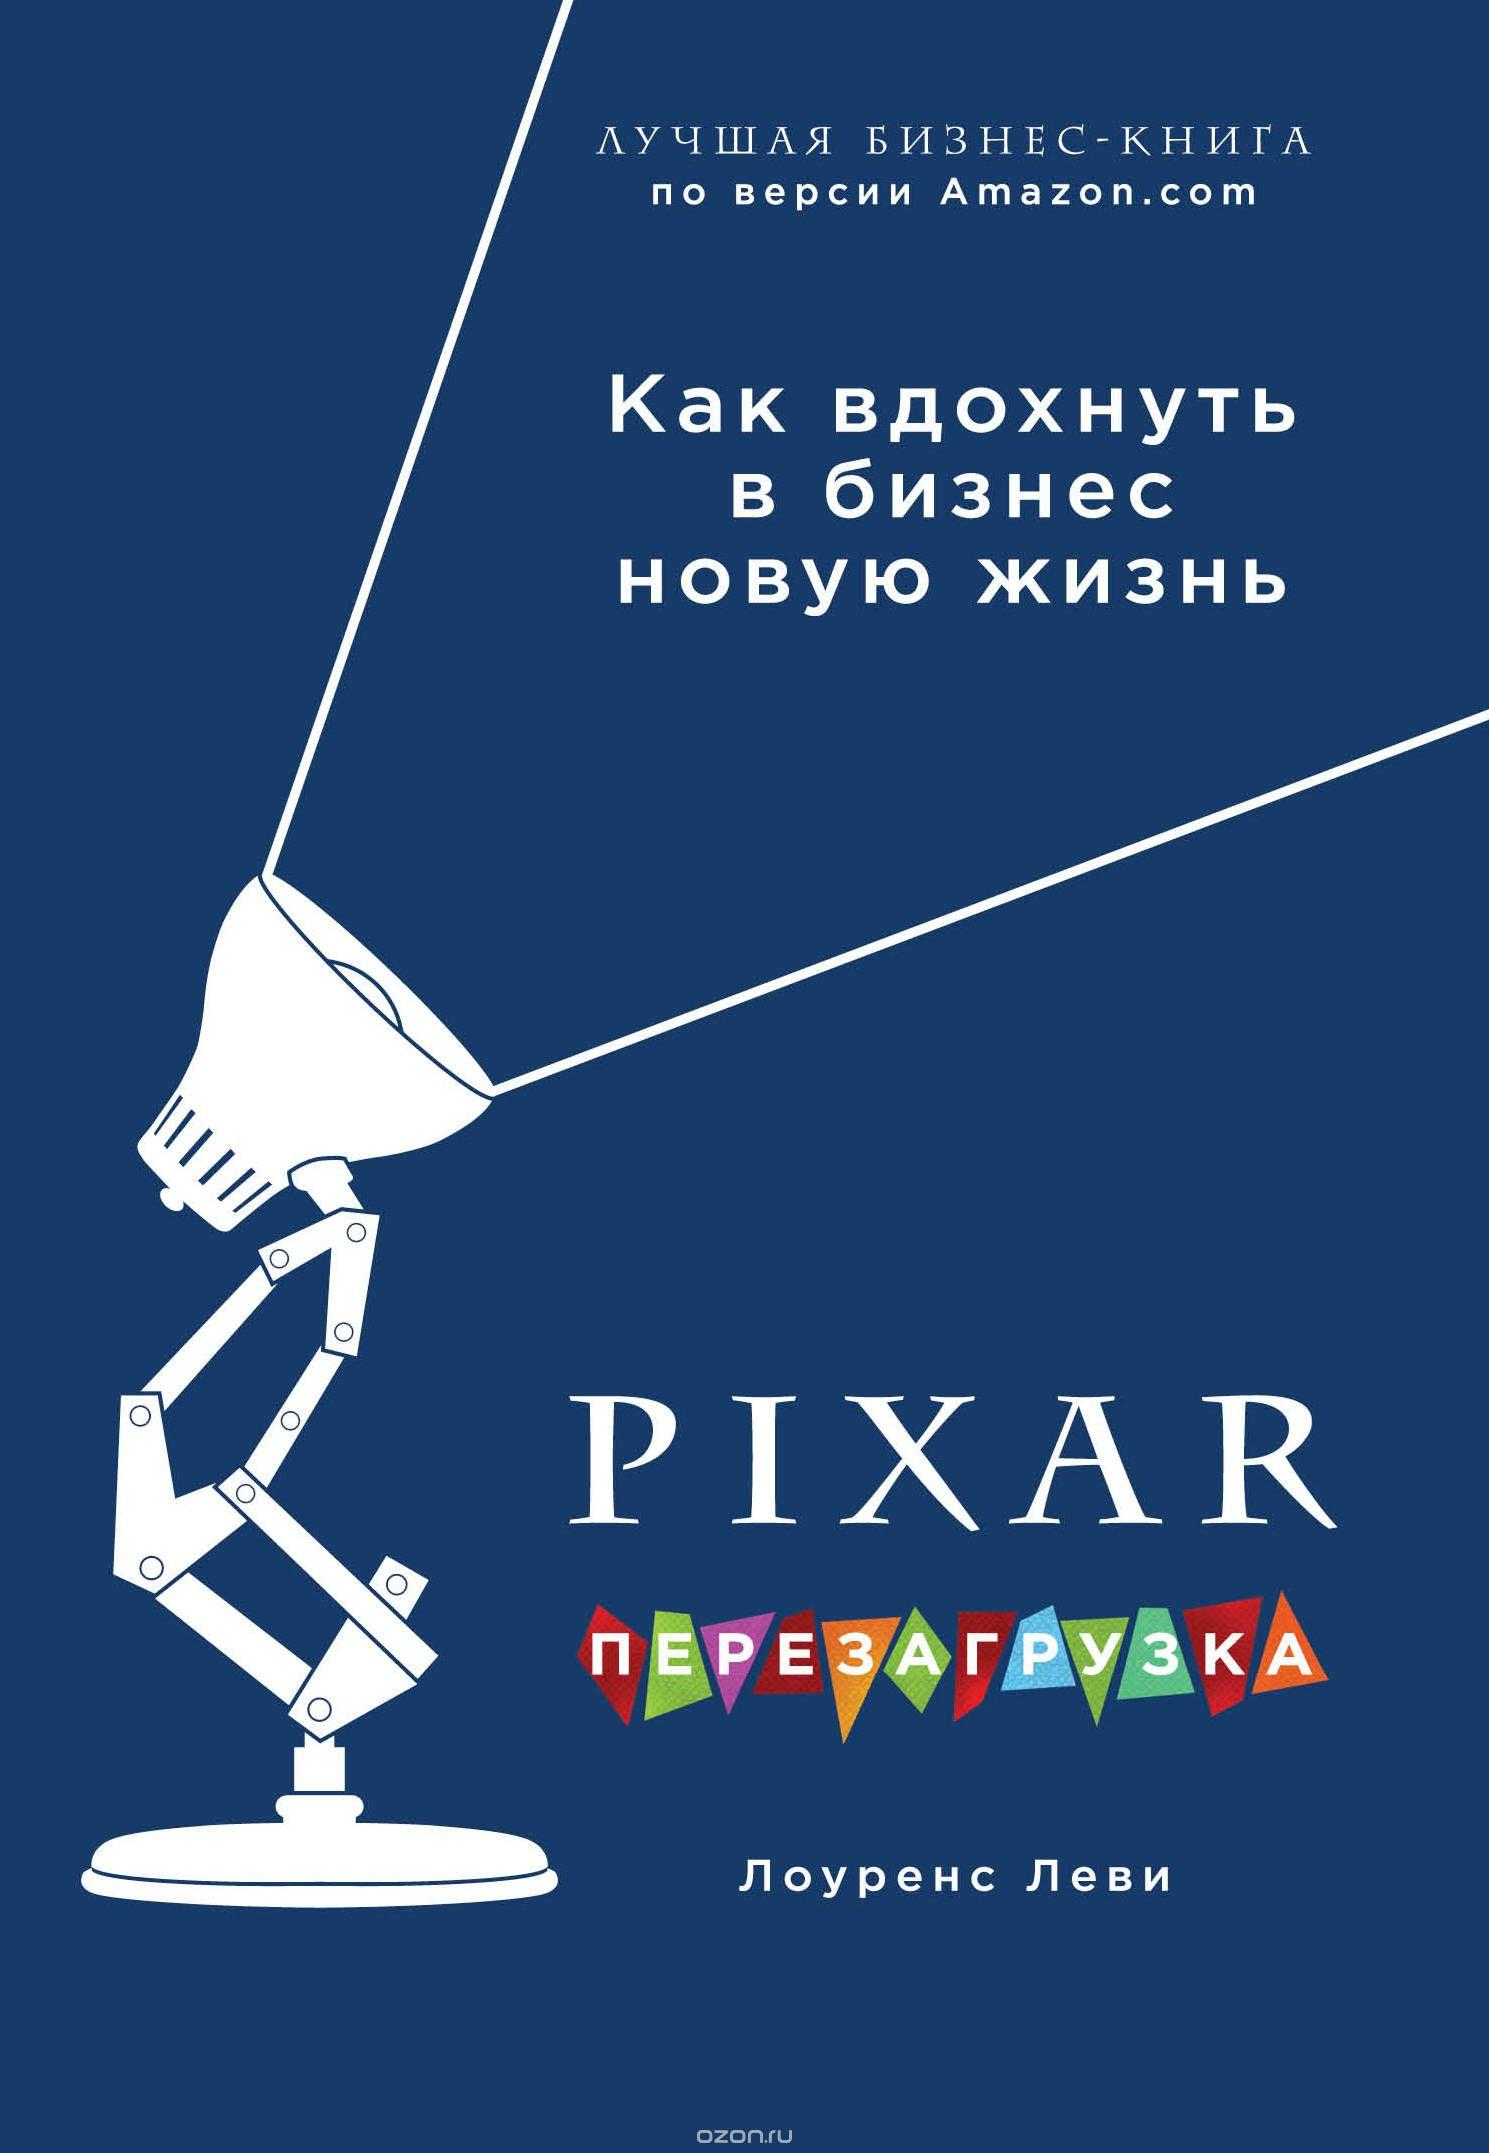 Книга на русском языке «PIXAR. Перезагрузка. Гениальная книга по антикризисному управлению»